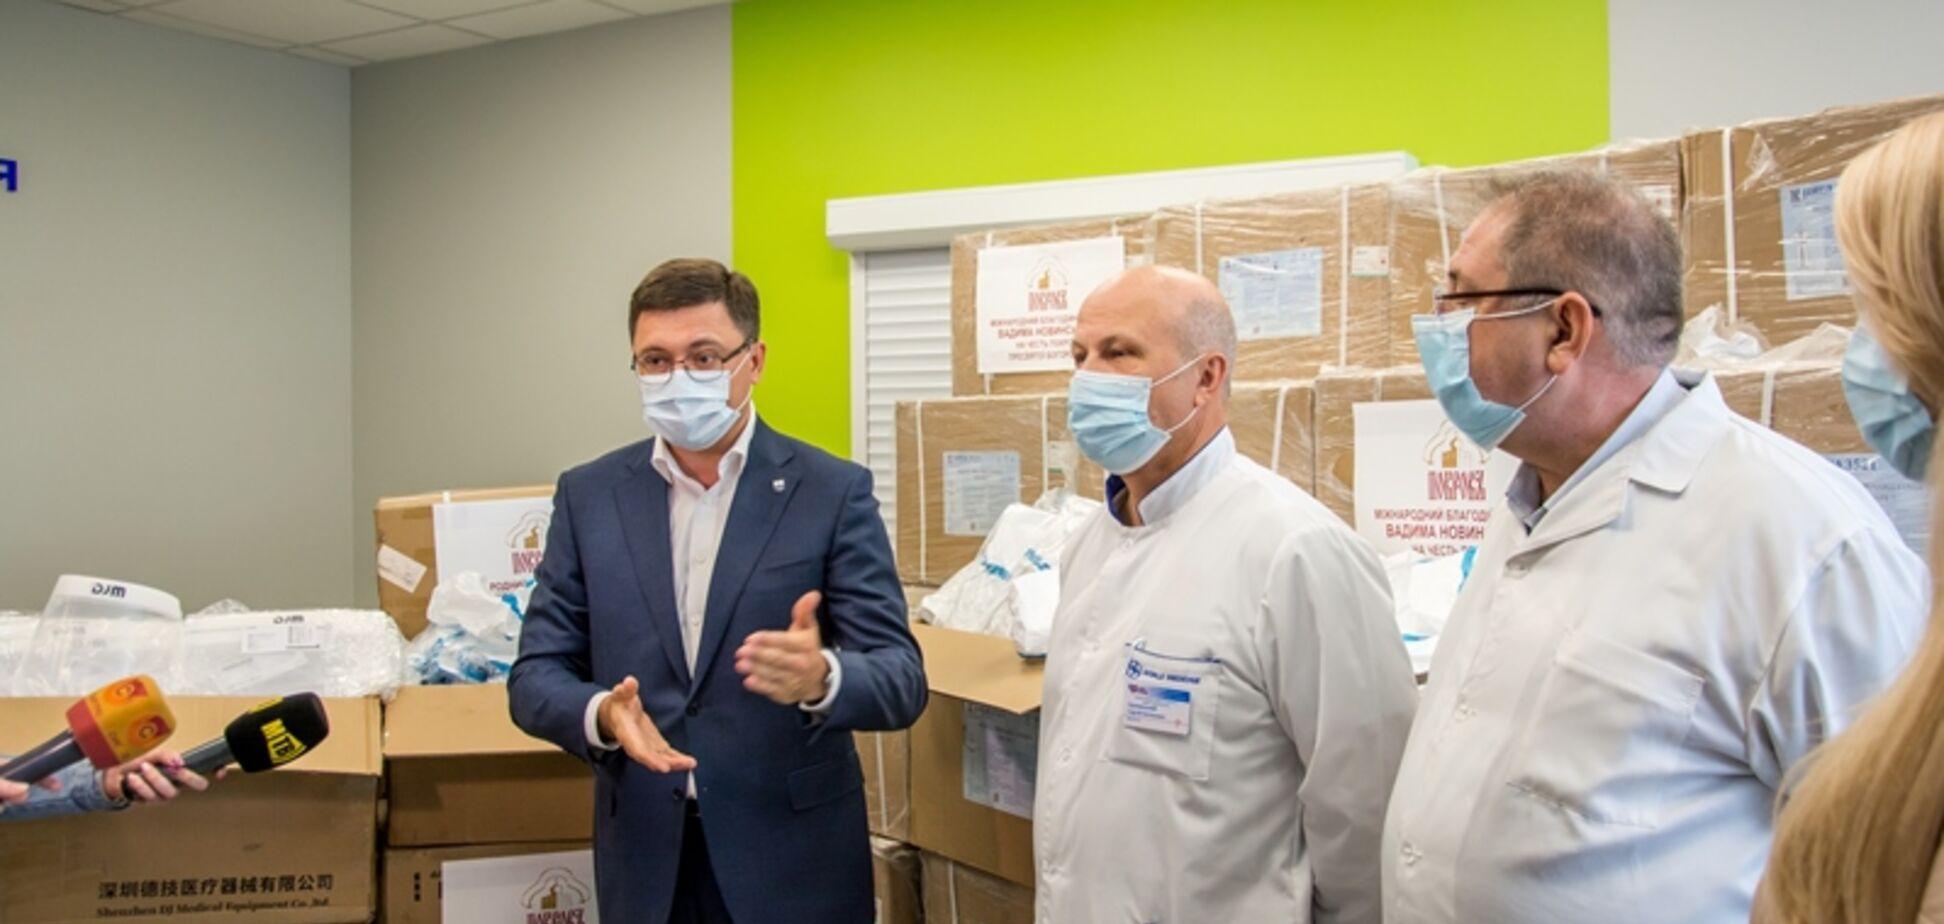 Фонд Новинского передал Мариуполю еще два ИВЛ и средства защиты для медиков